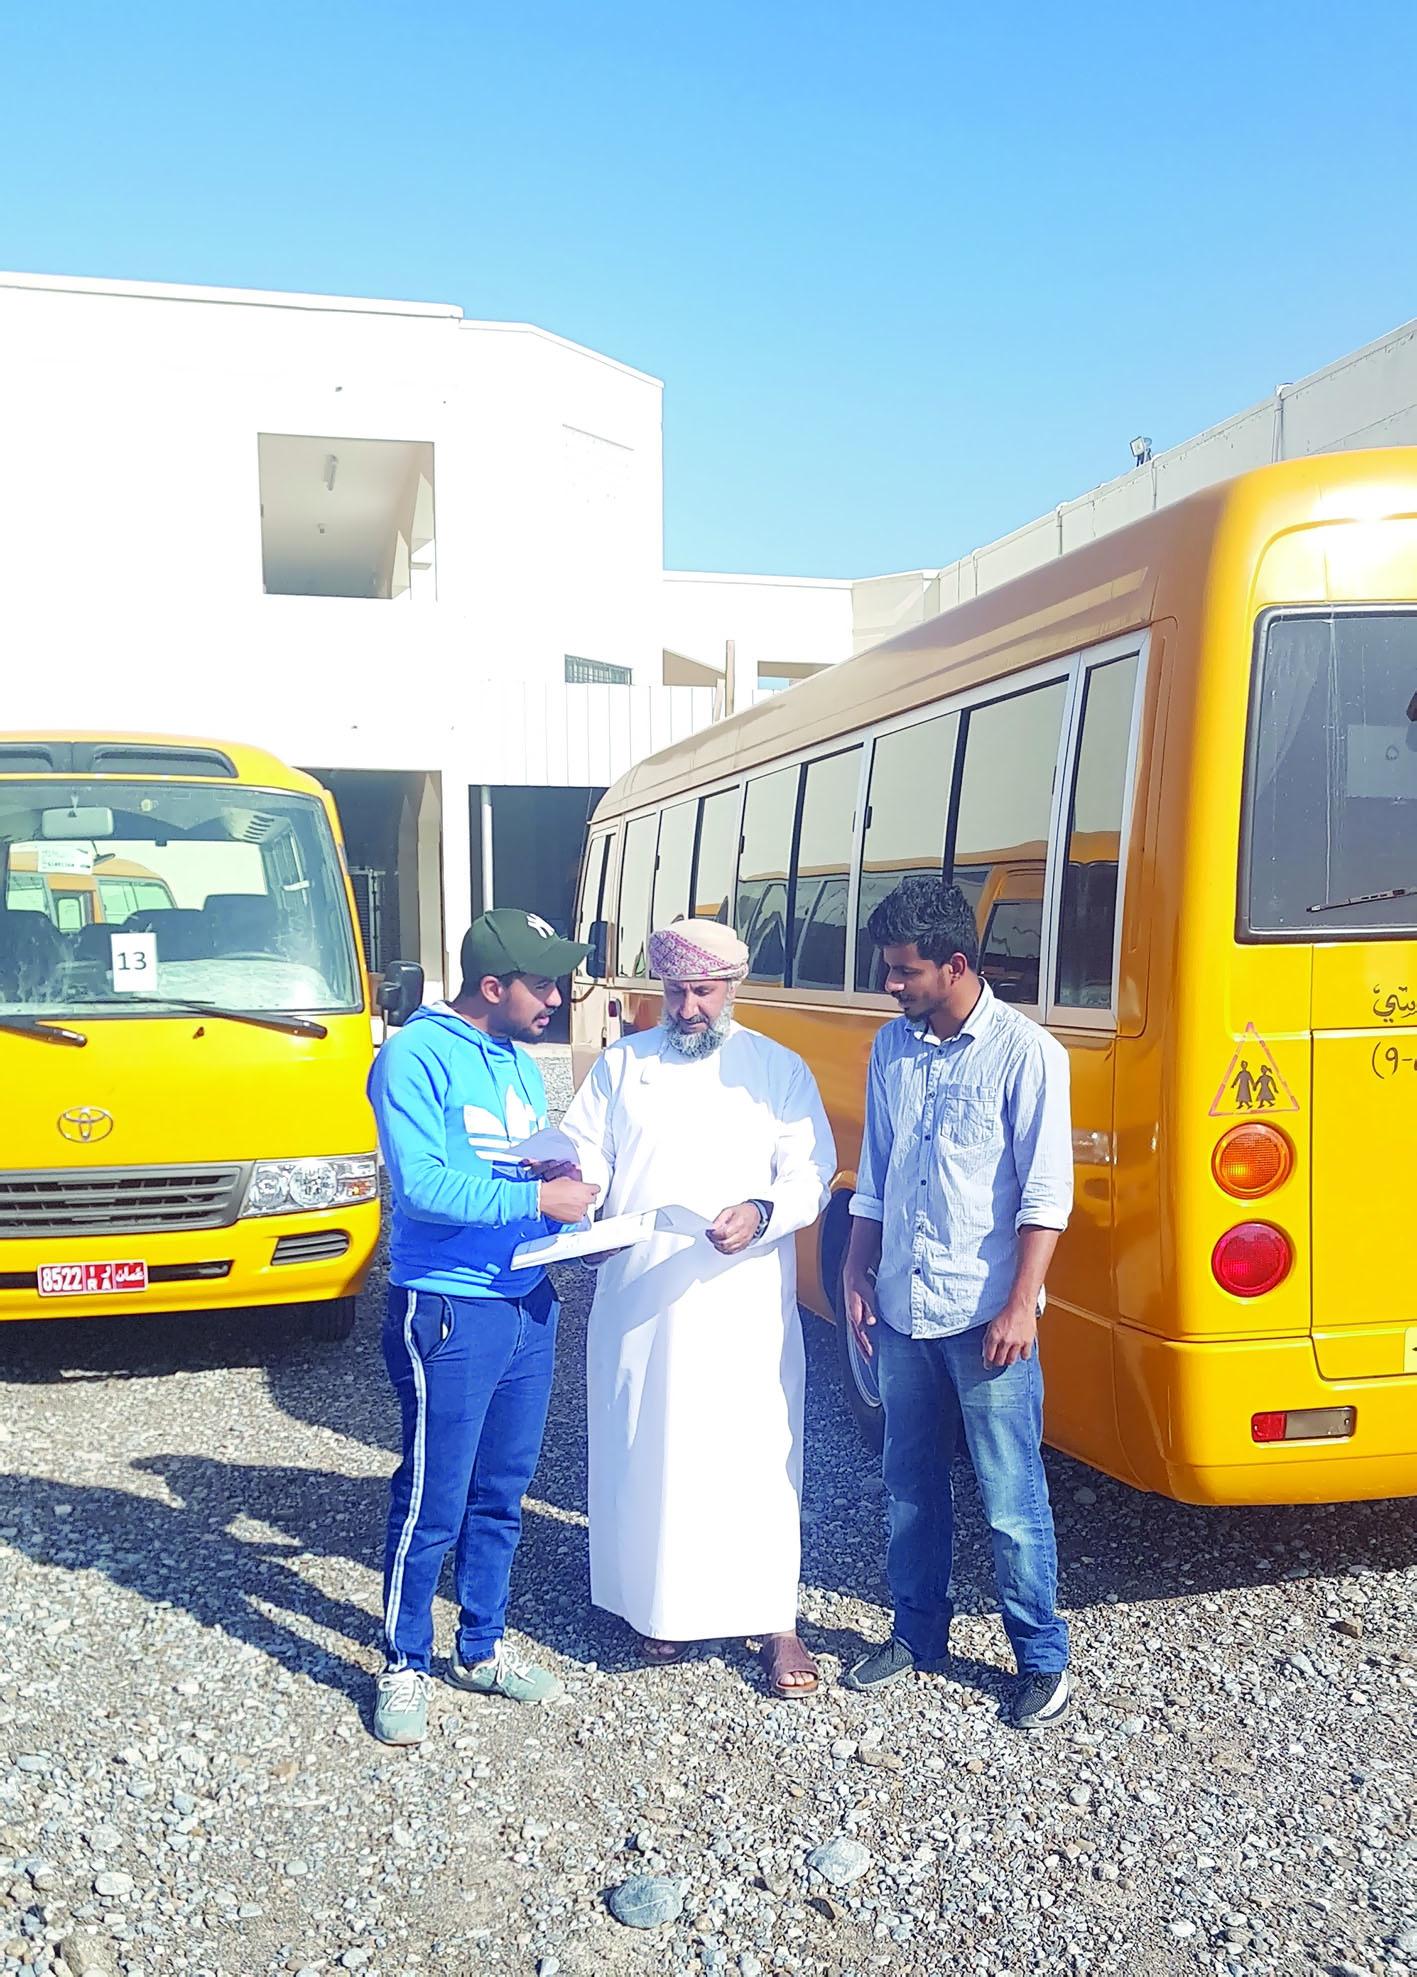 تعليمية الداخلية تستأنف تركيب أجهزة درب السلامة لوسائل نقل الطلبة